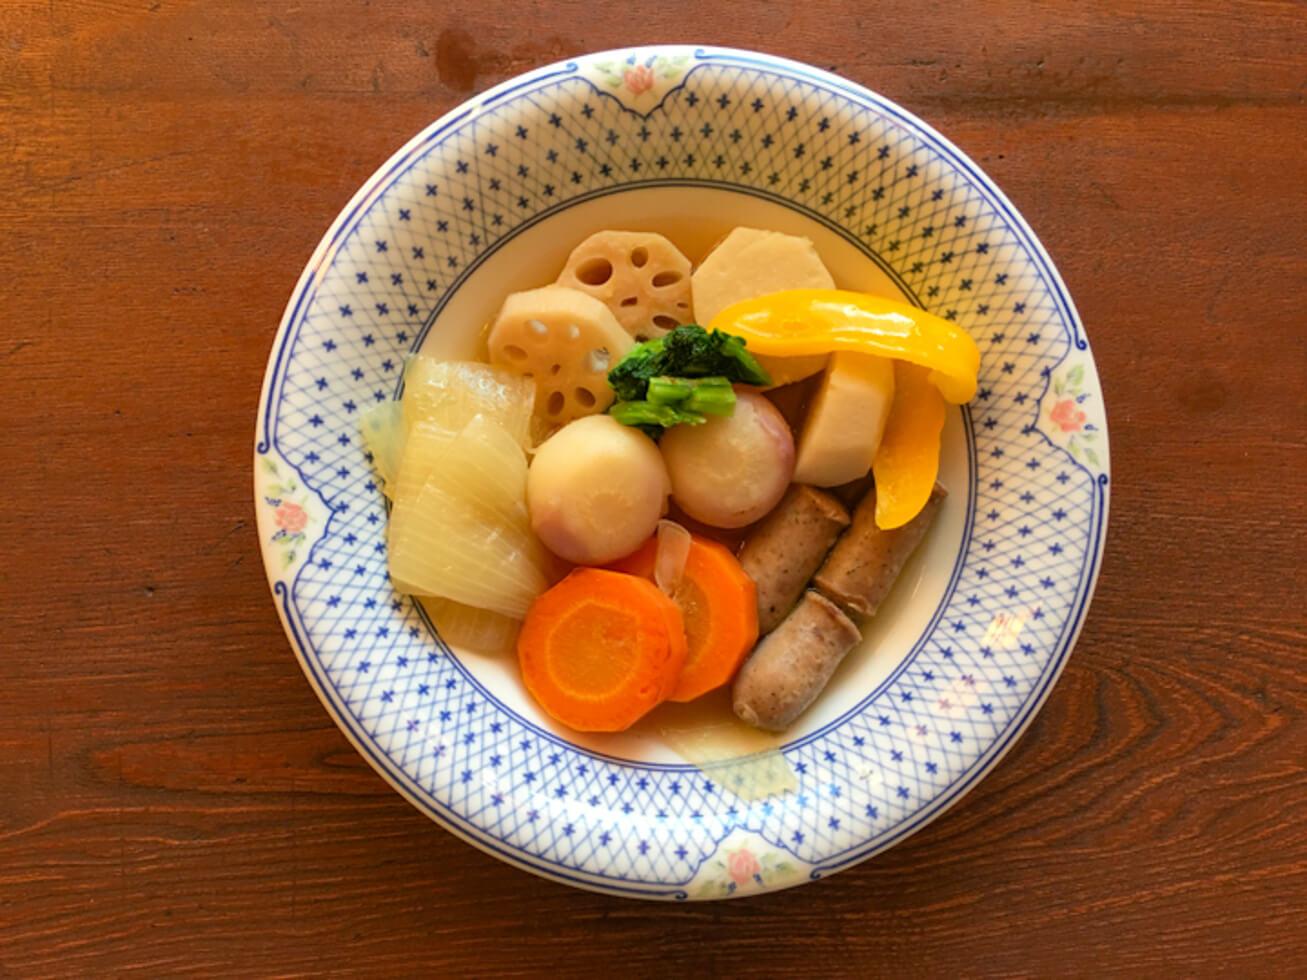 あやめ雪かぶといろいろ根菜のポトフの写真